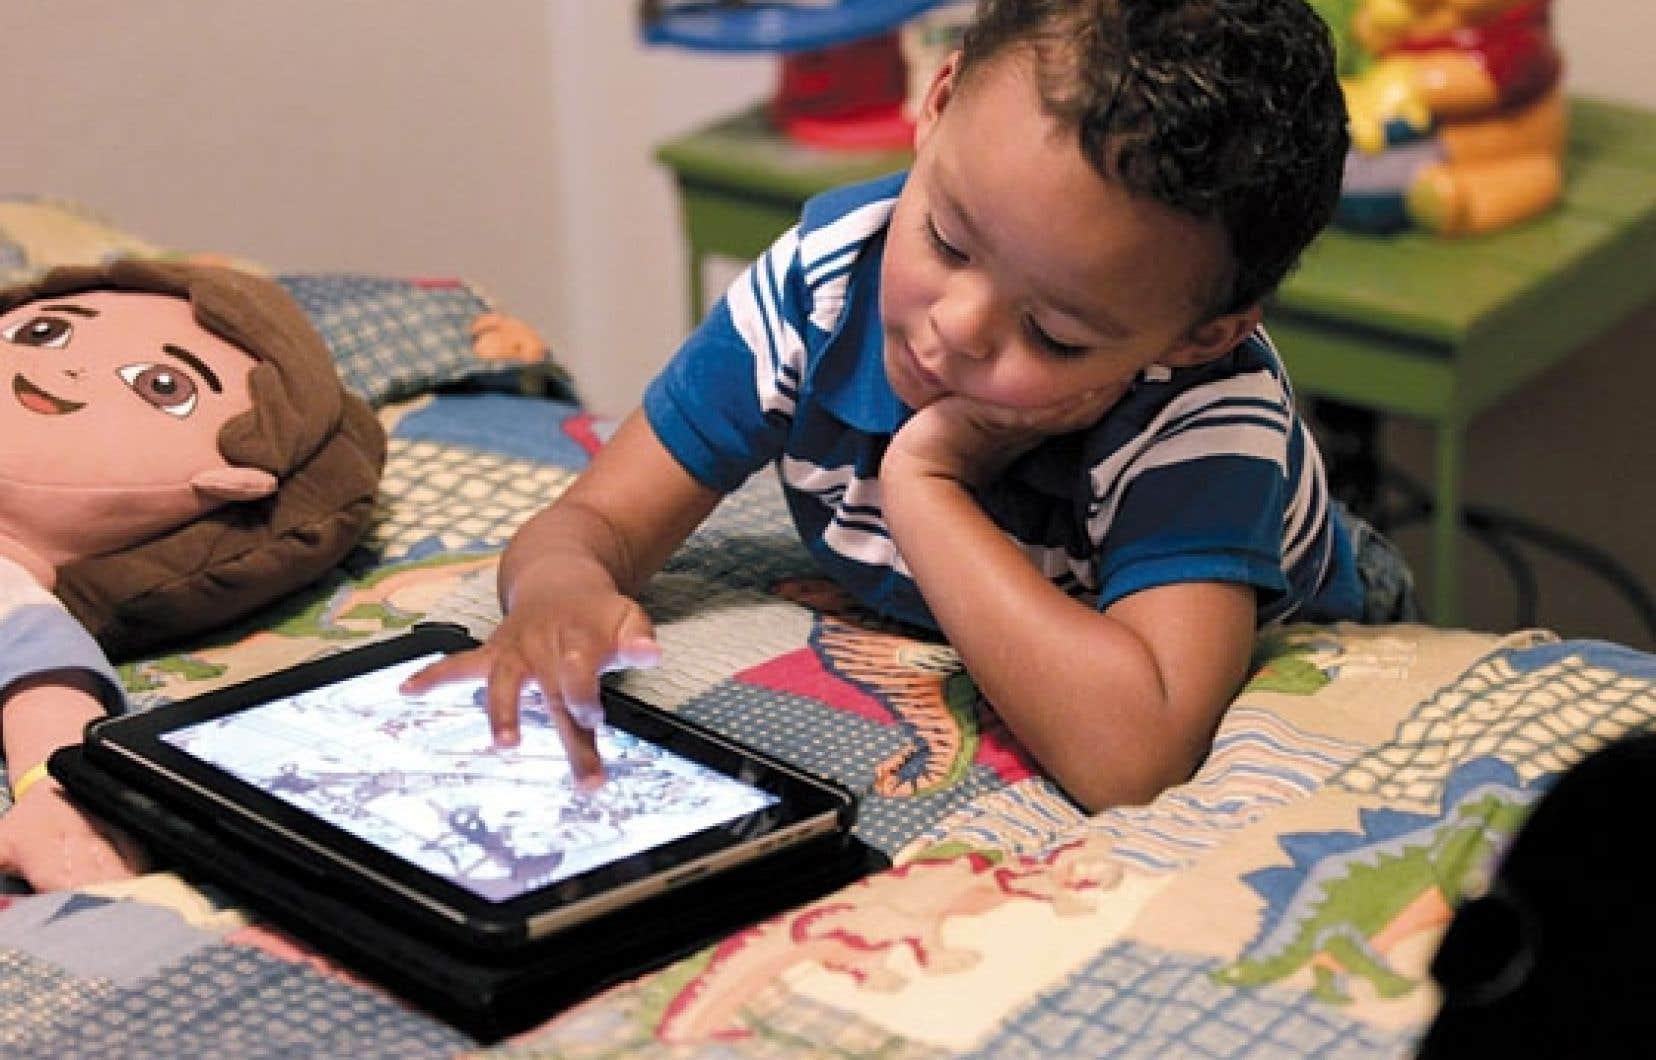 <div> Avant six ans, la possession d&rsquo;une console ou d&rsquo;une tablette personnelle pr&eacute;sente plus de risques que d&rsquo;avantages.</div>